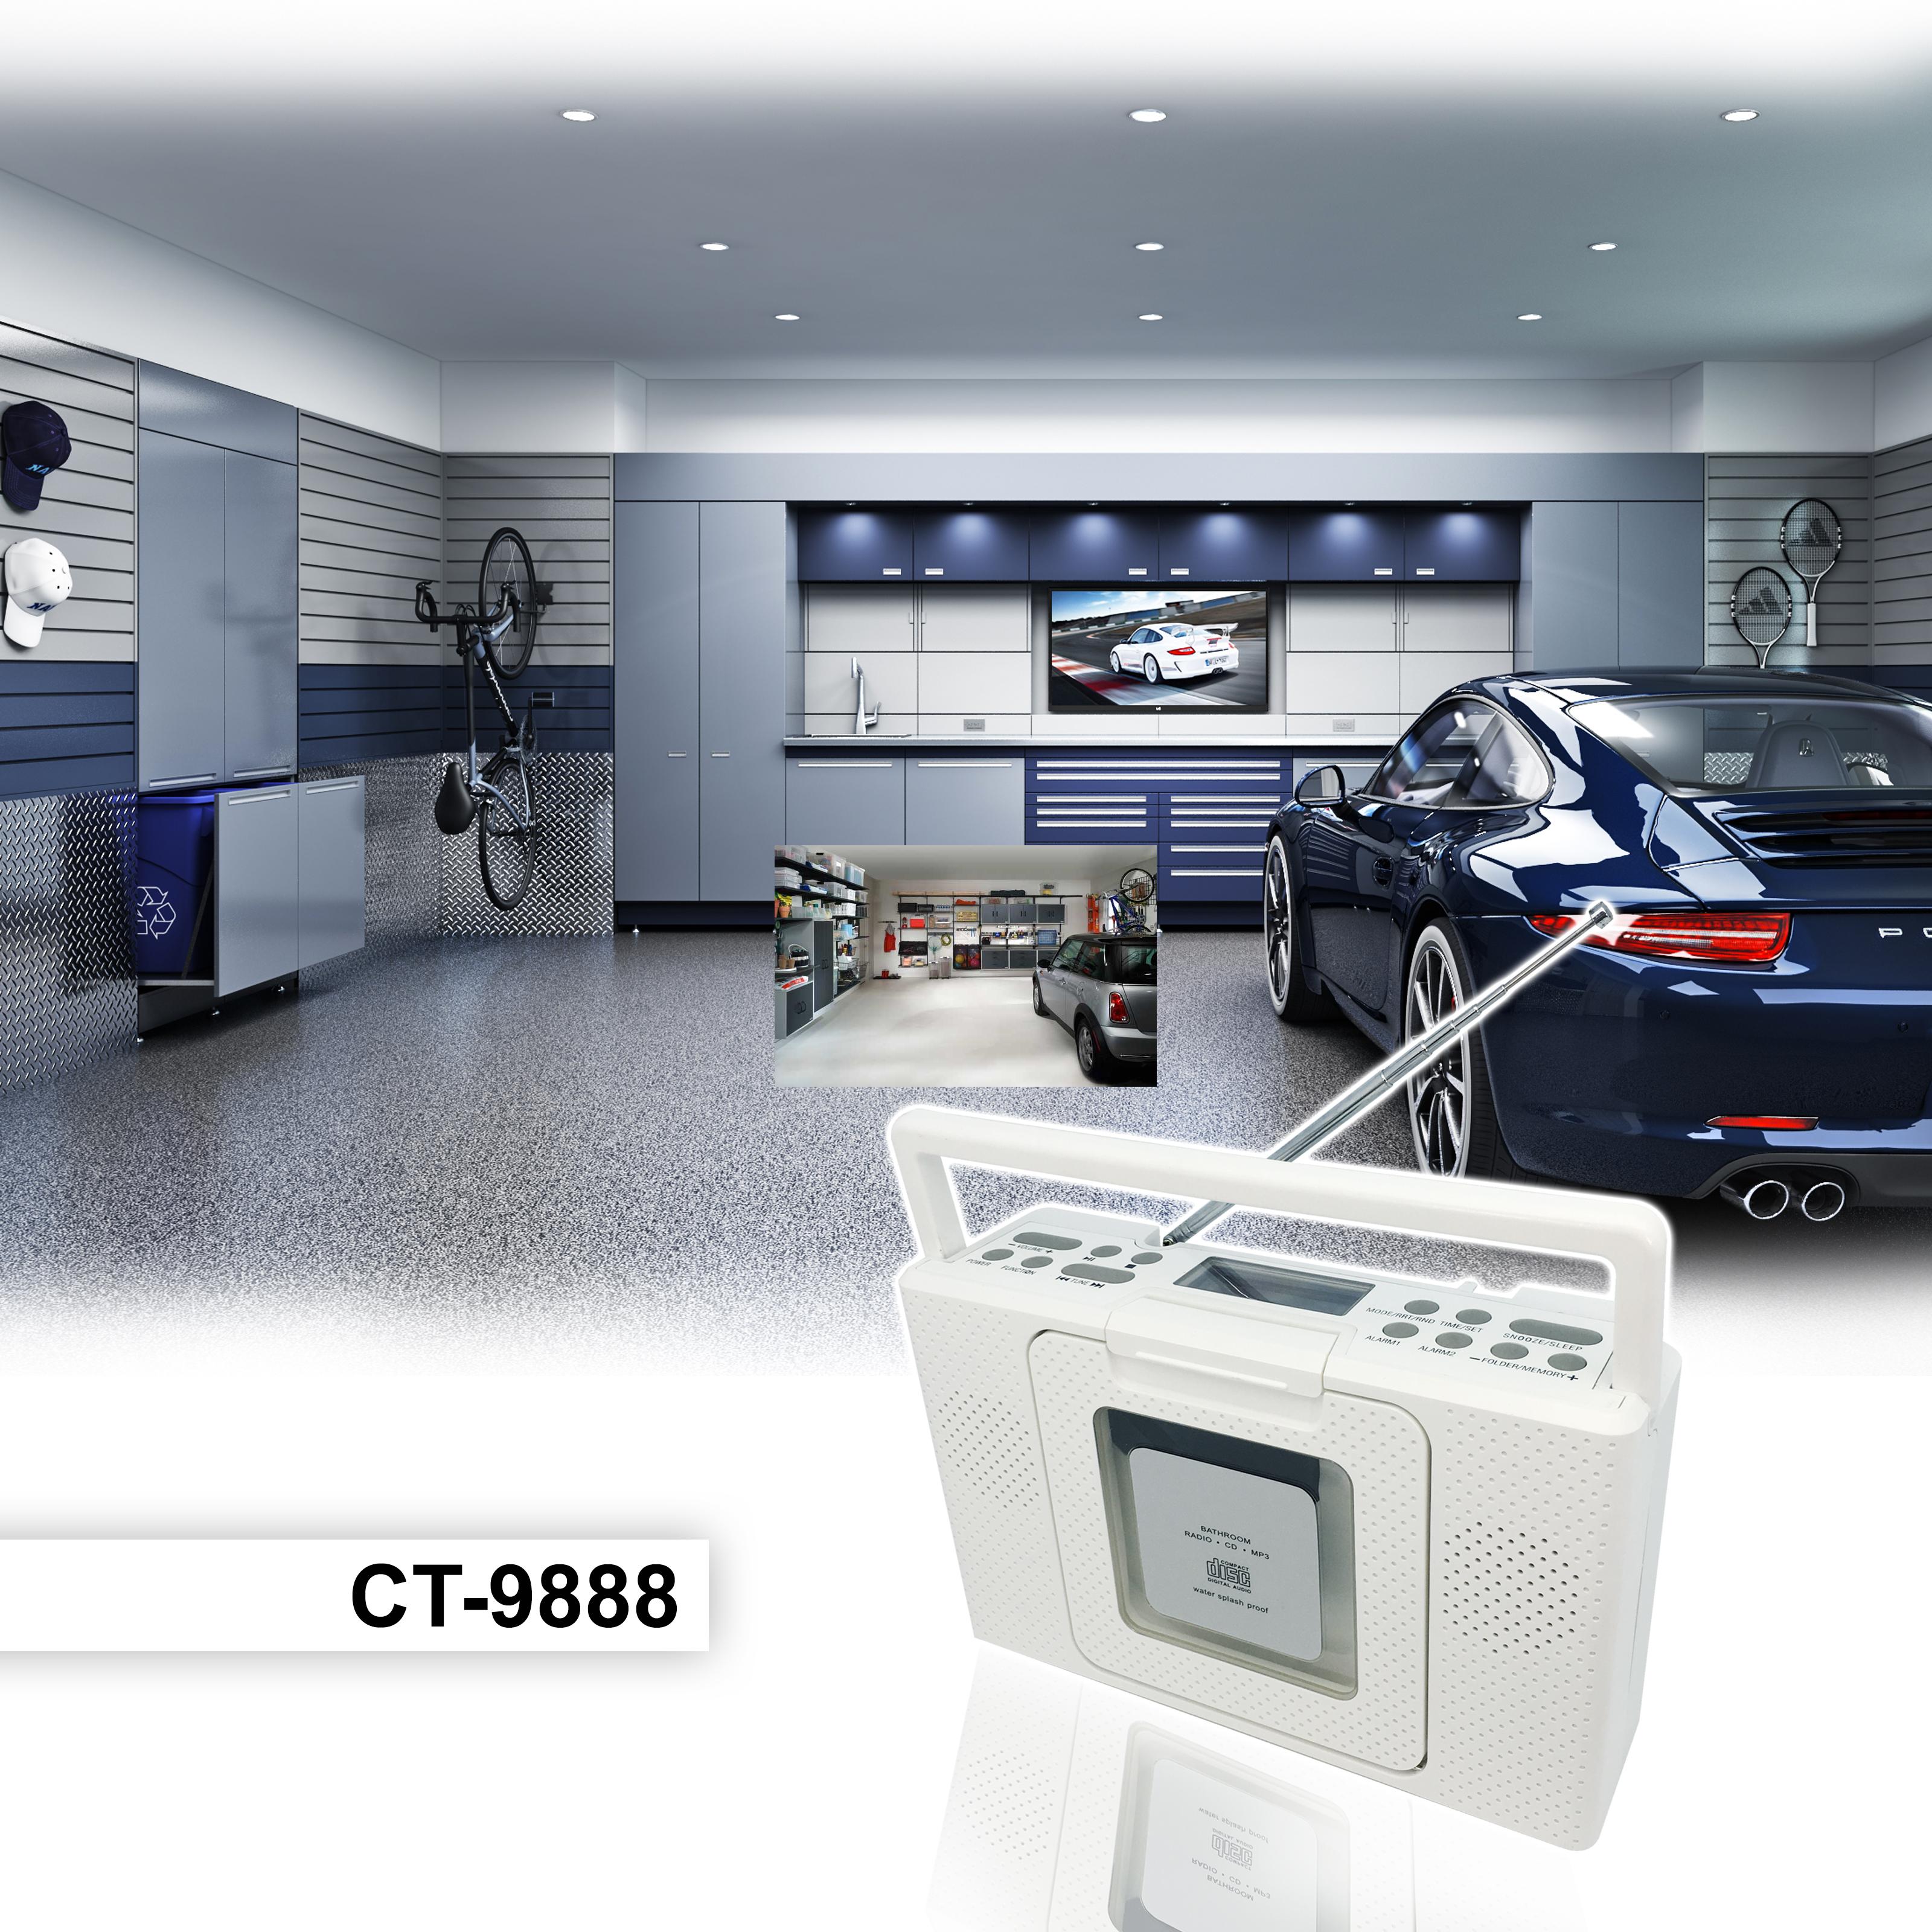 CT-9888 Garage B.jpg